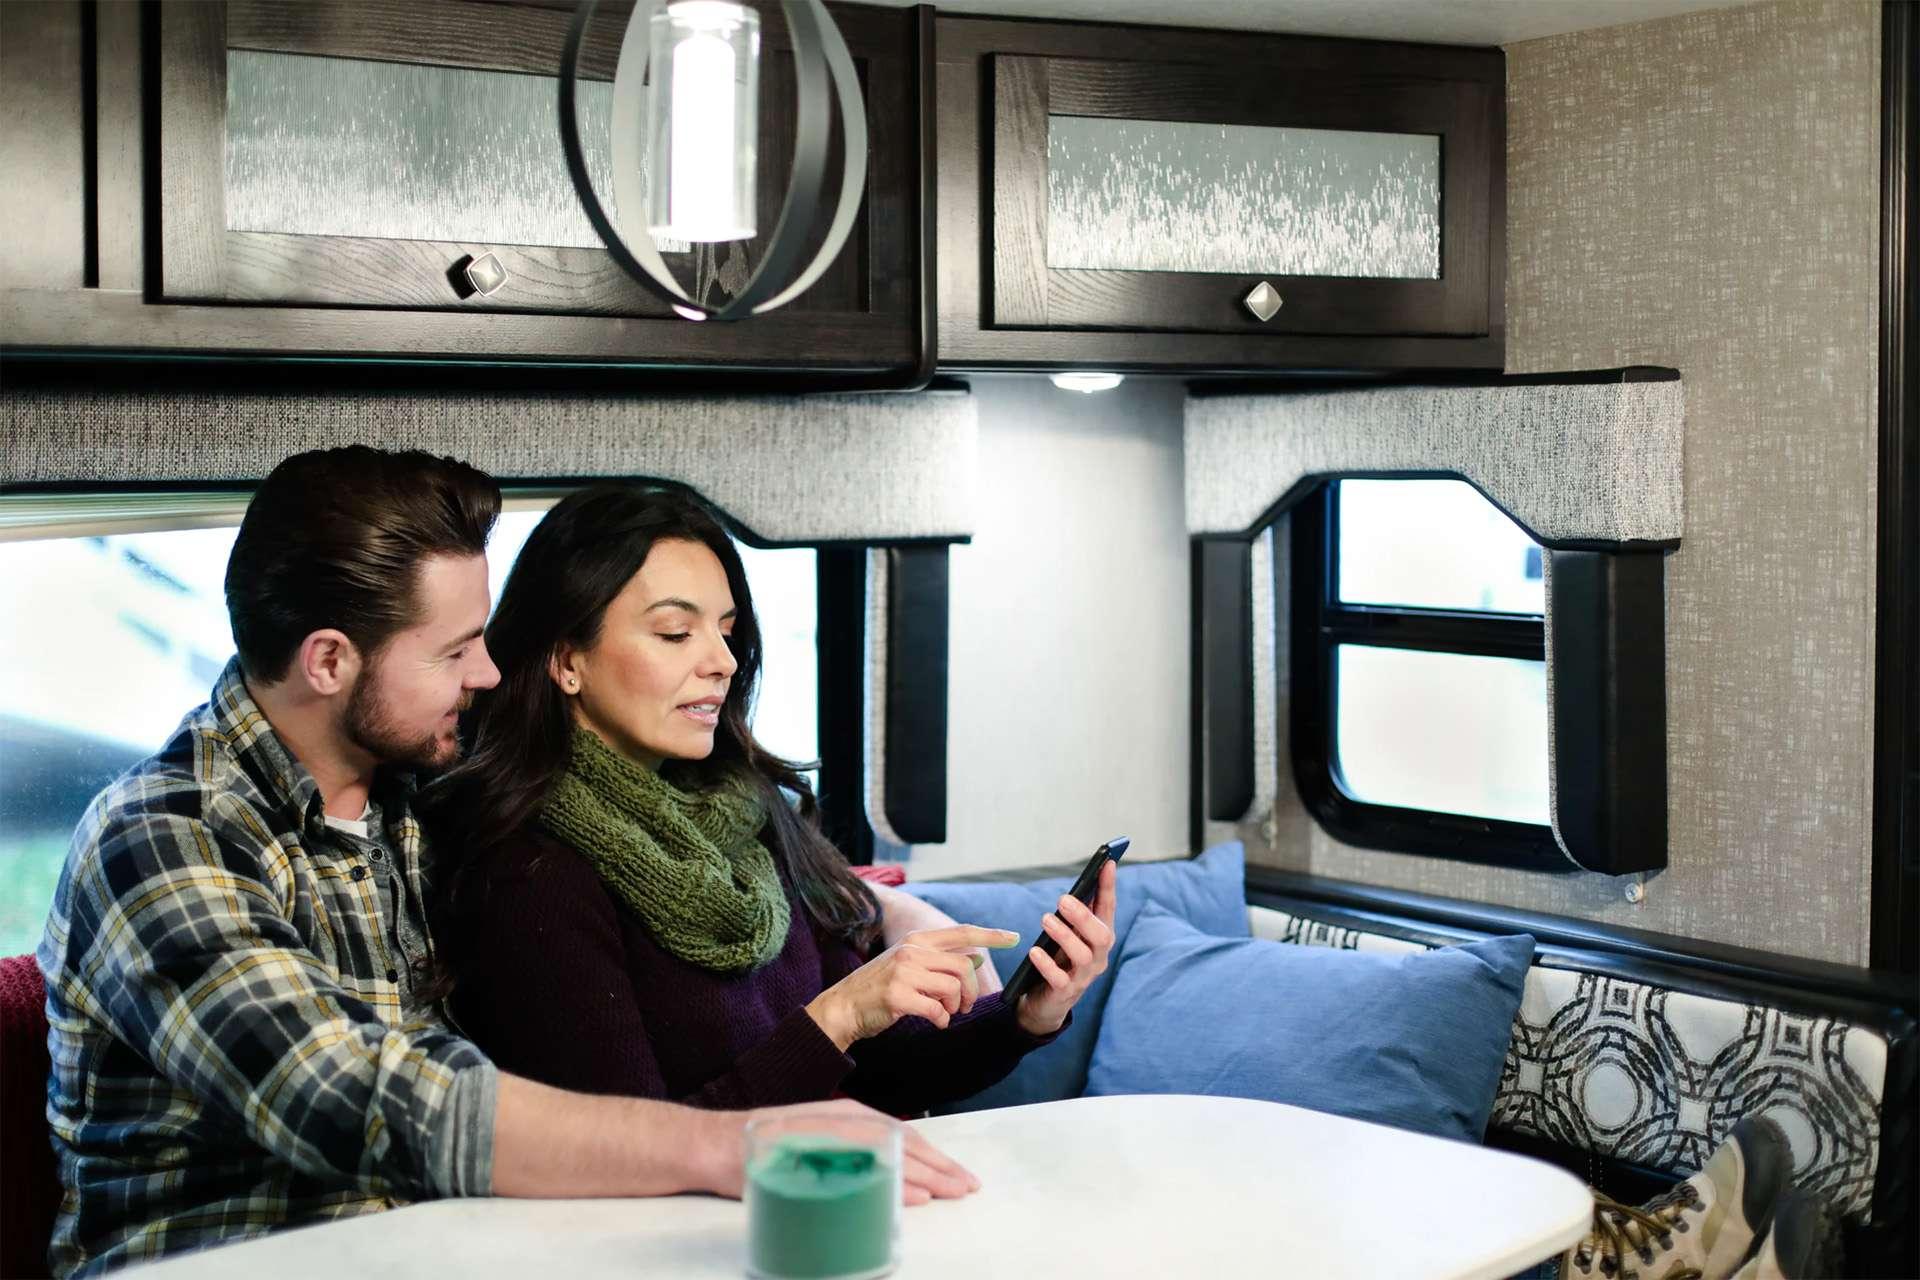 Bild eines Pärchens in einem Wohnmobil, welches auf ein Smartphone schaut.